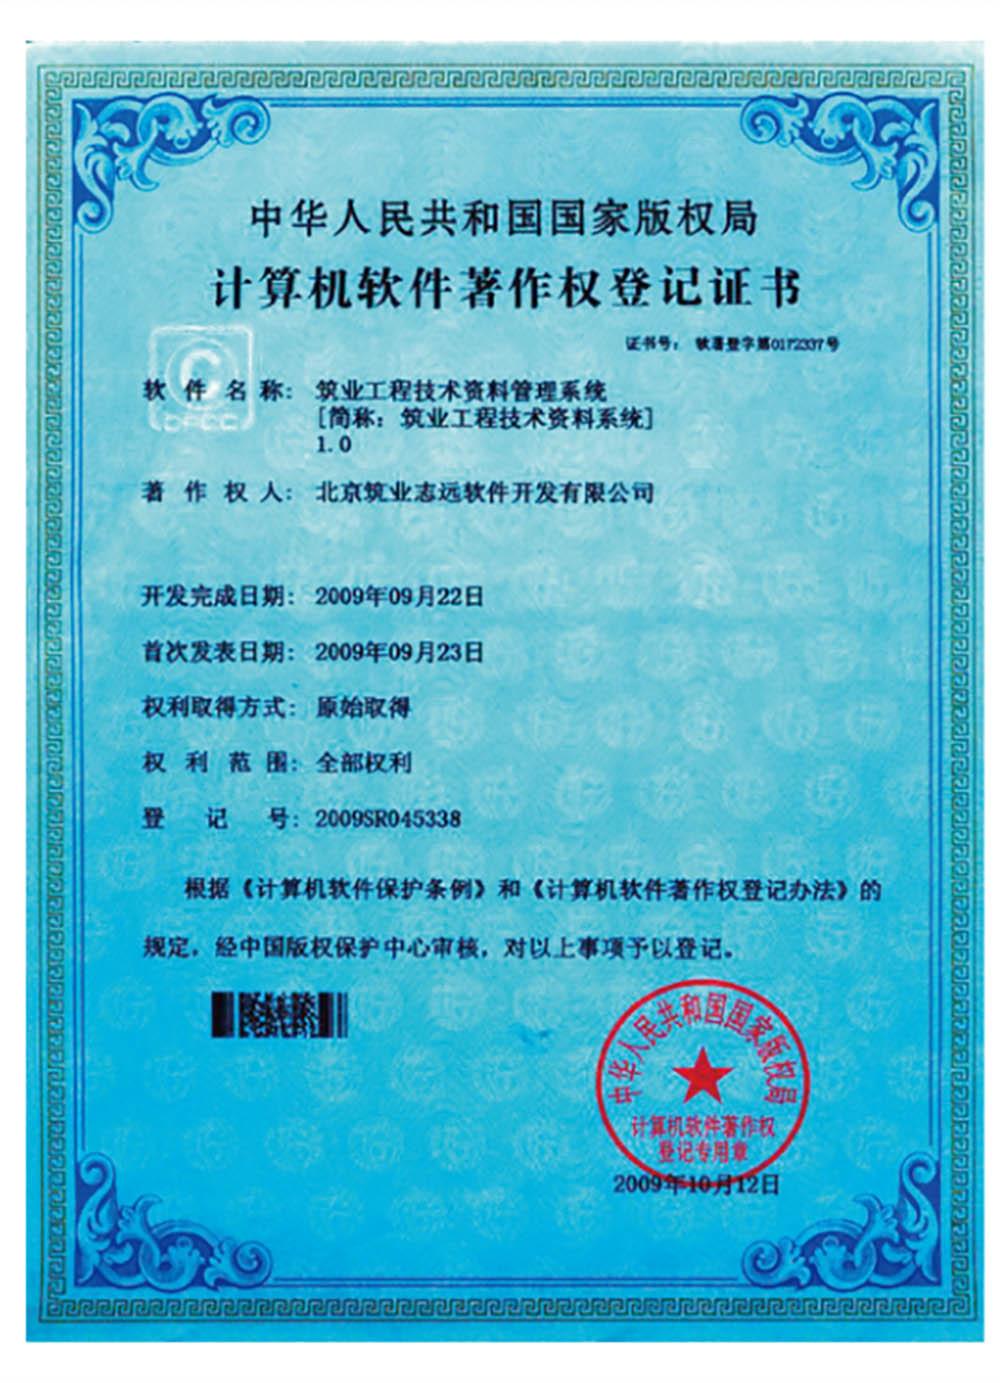 著作权登记证书-工程技术亚博竞彩APP软件